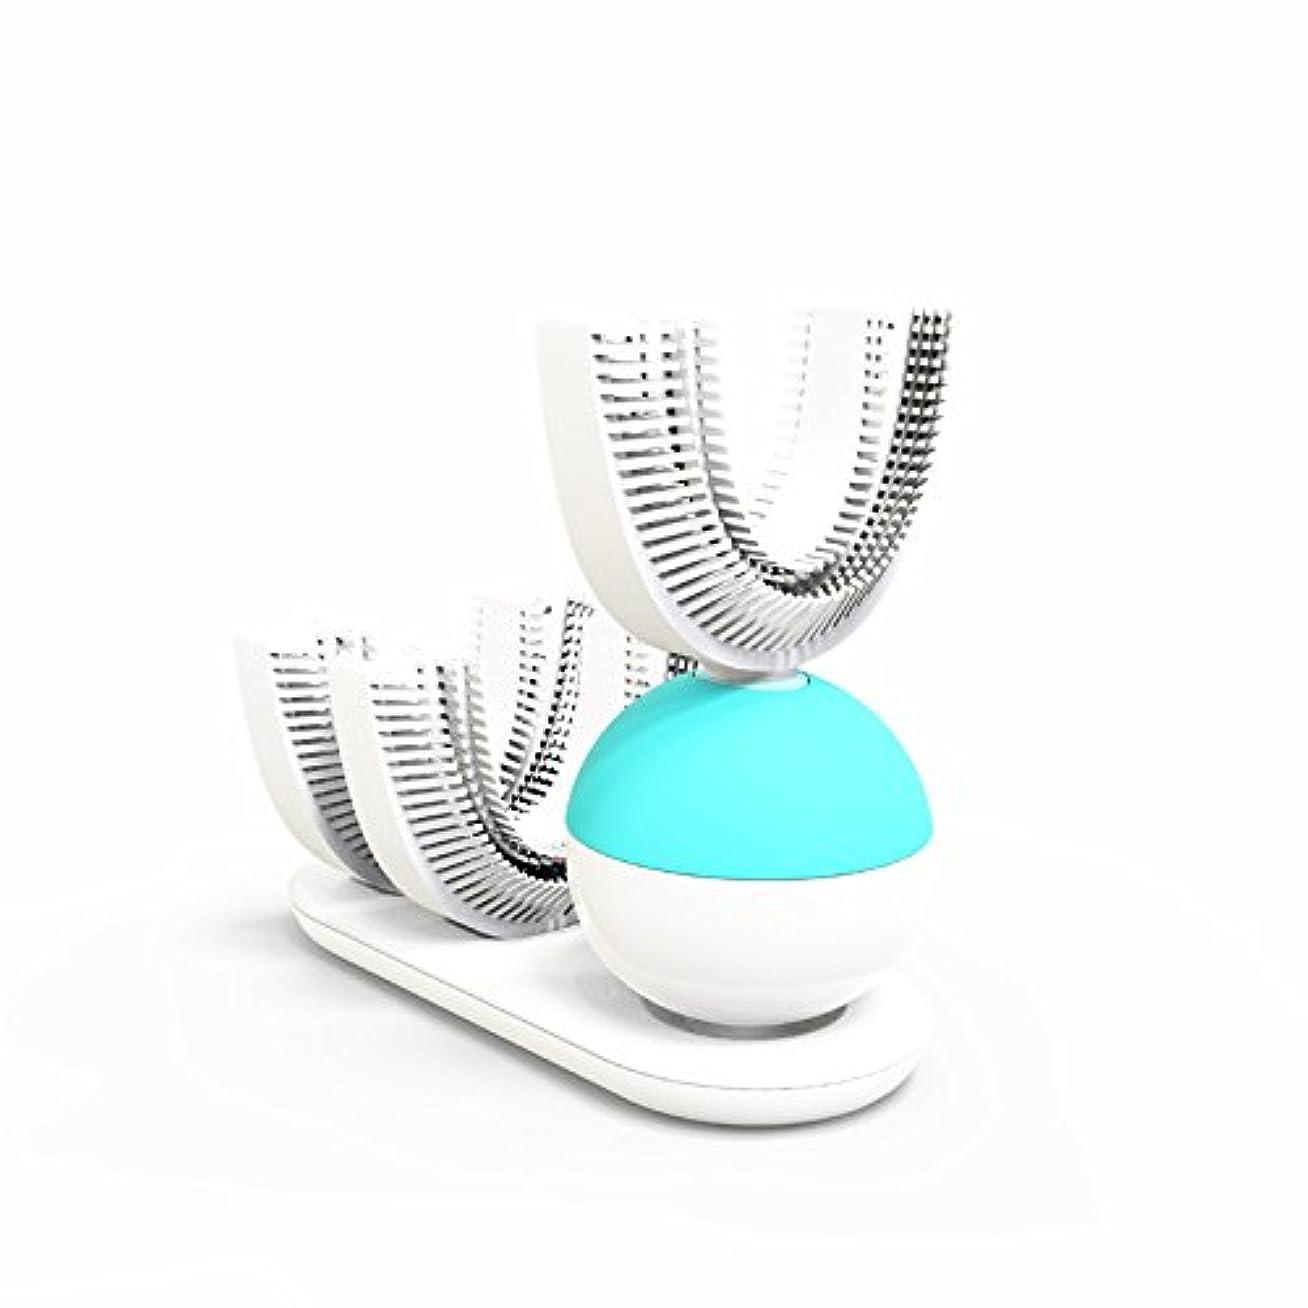 スタック耕すケイ素怠け者牙刷-電動 U型 超音波 専門370°全方位 自動歯ブラシ ワイヤレス充電 成人 怠け者 ユニークなU字型のマウスピース わずか10秒で歯磨き 自動バブル 2本の歯ブラシヘッド付き あなたの手を解放 磁気吸引接続 (ライトブルー)